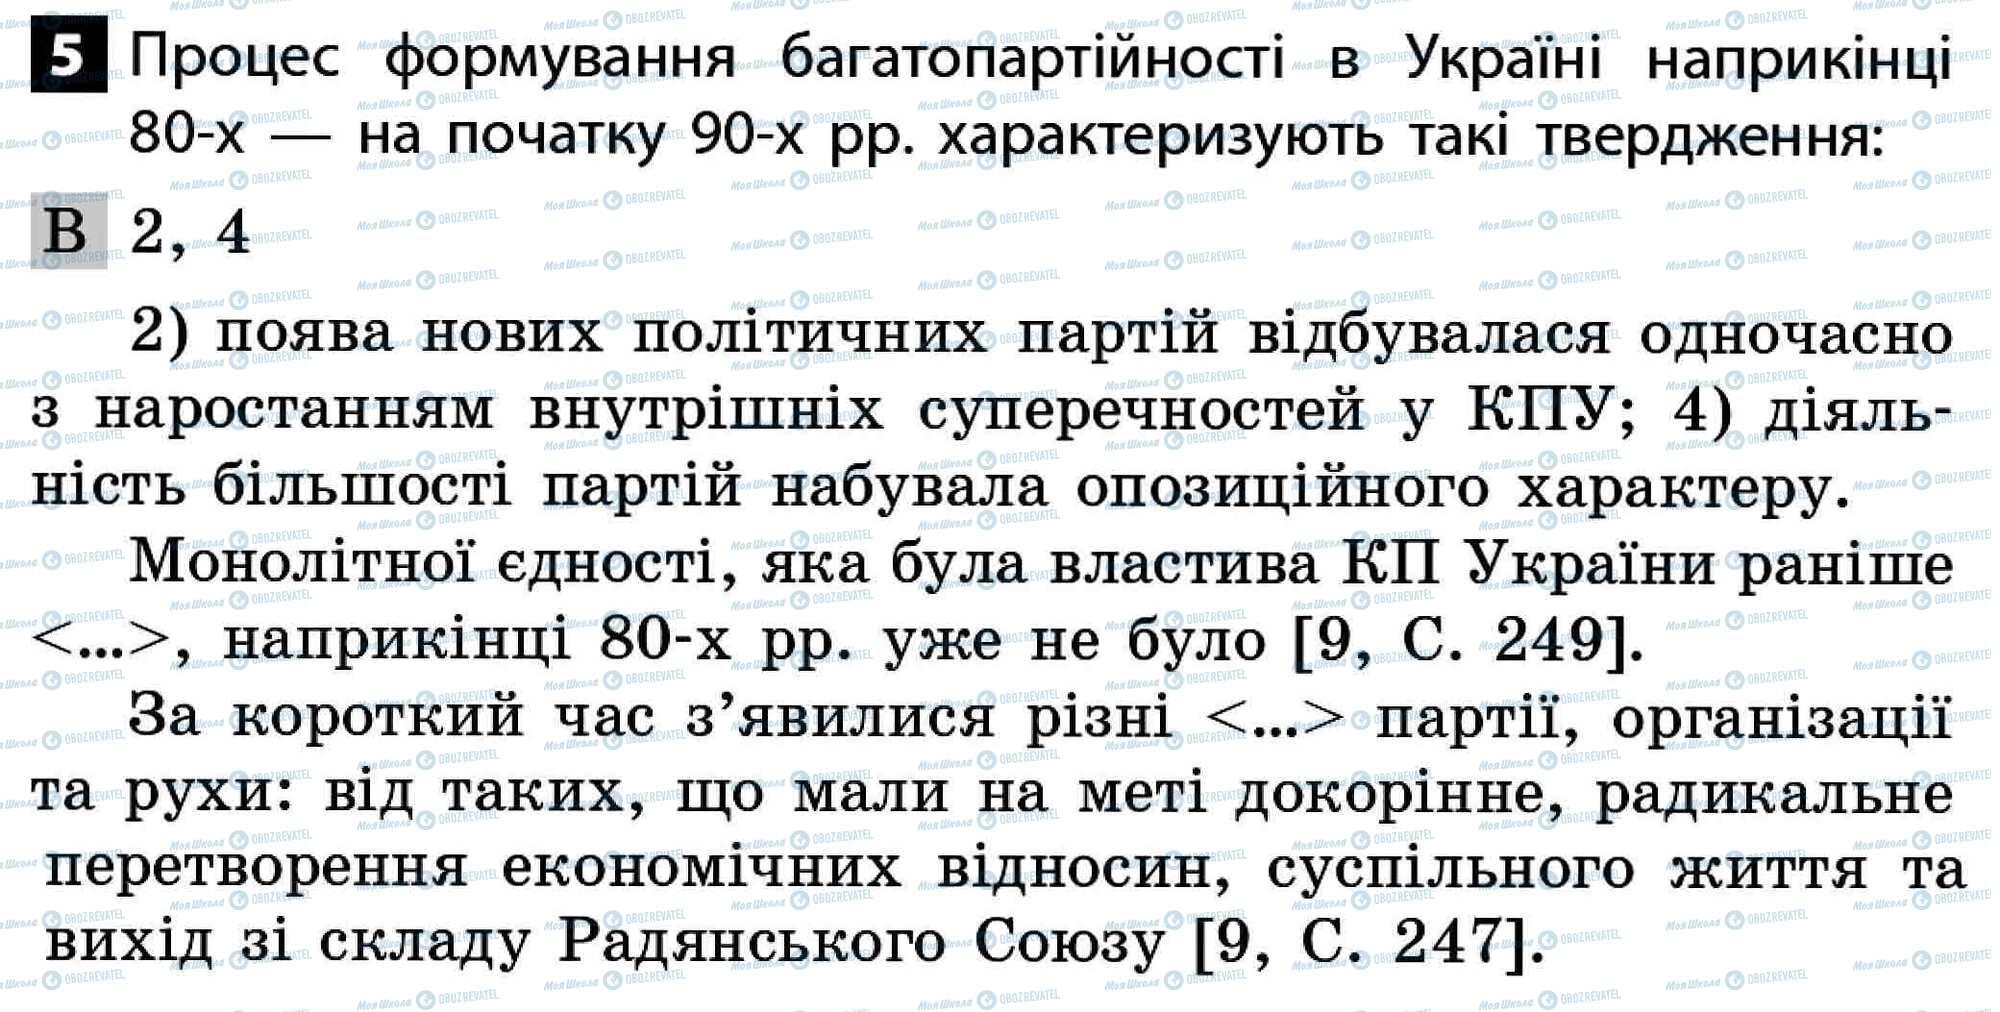 ДПА История Украины 11 класс страница 5